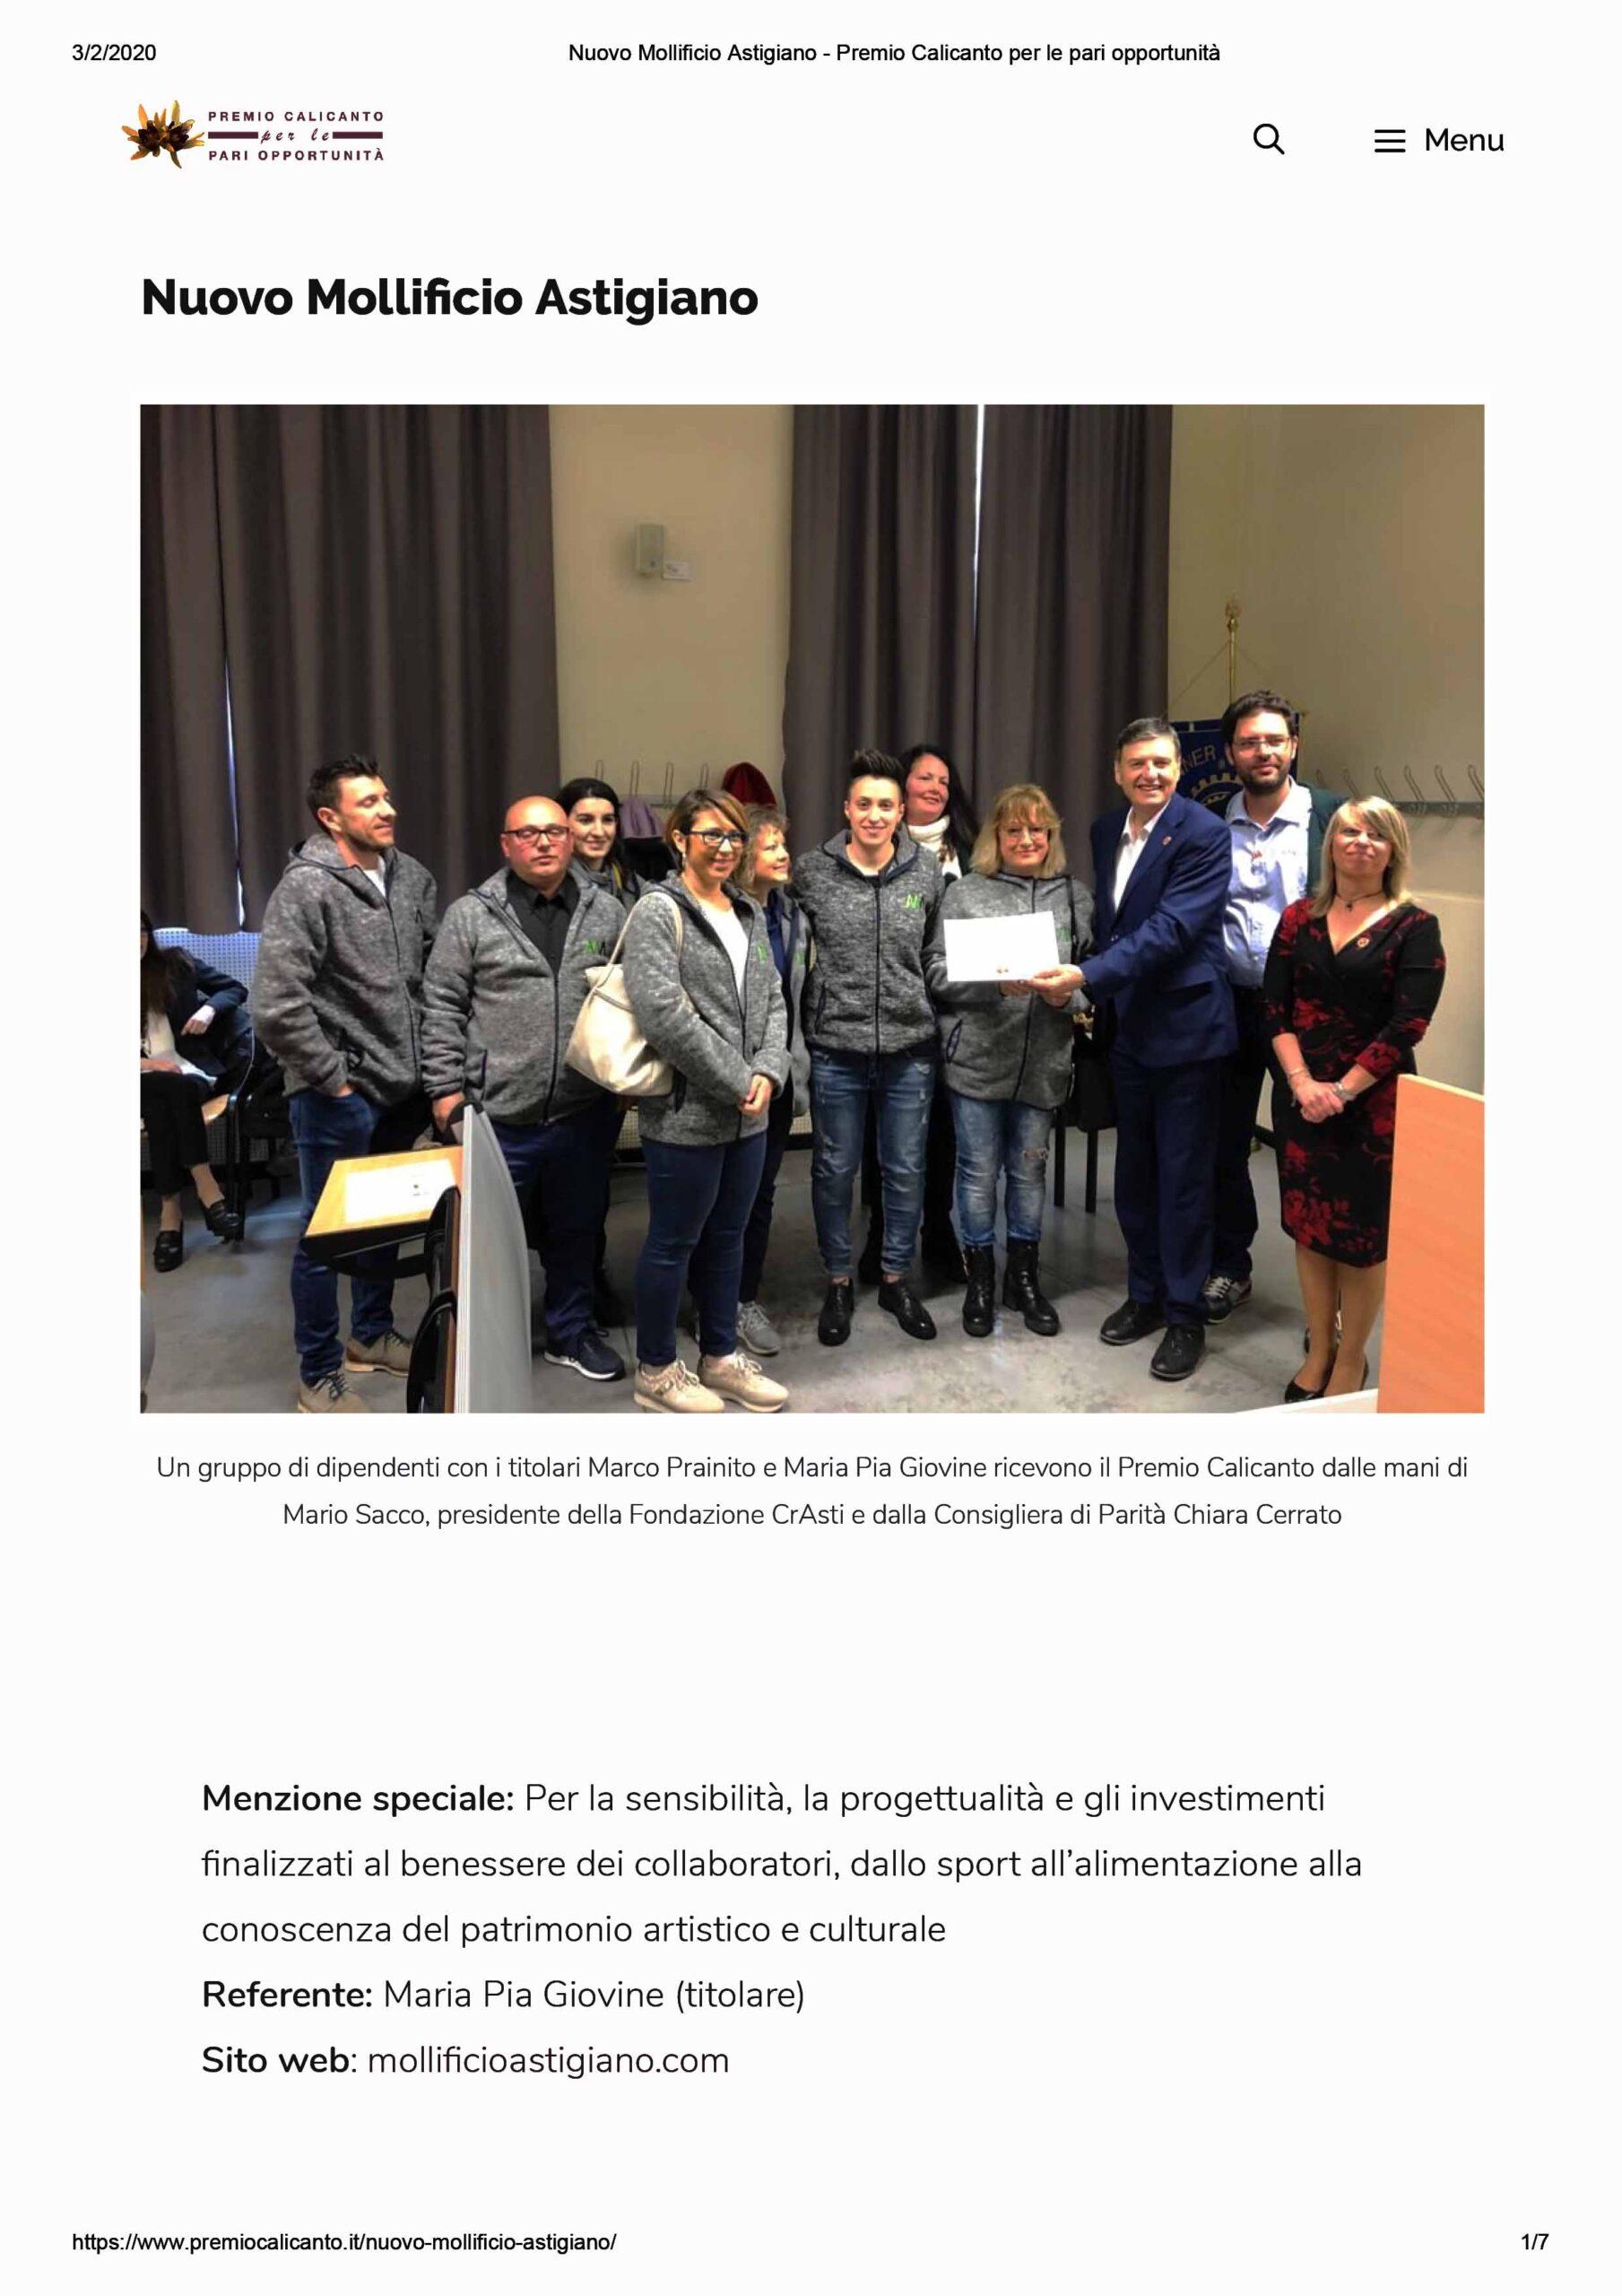 Premio-Calicanto-per-le-pari-opportunità-maggio-2019-Mollificio-Astigiano-Asti